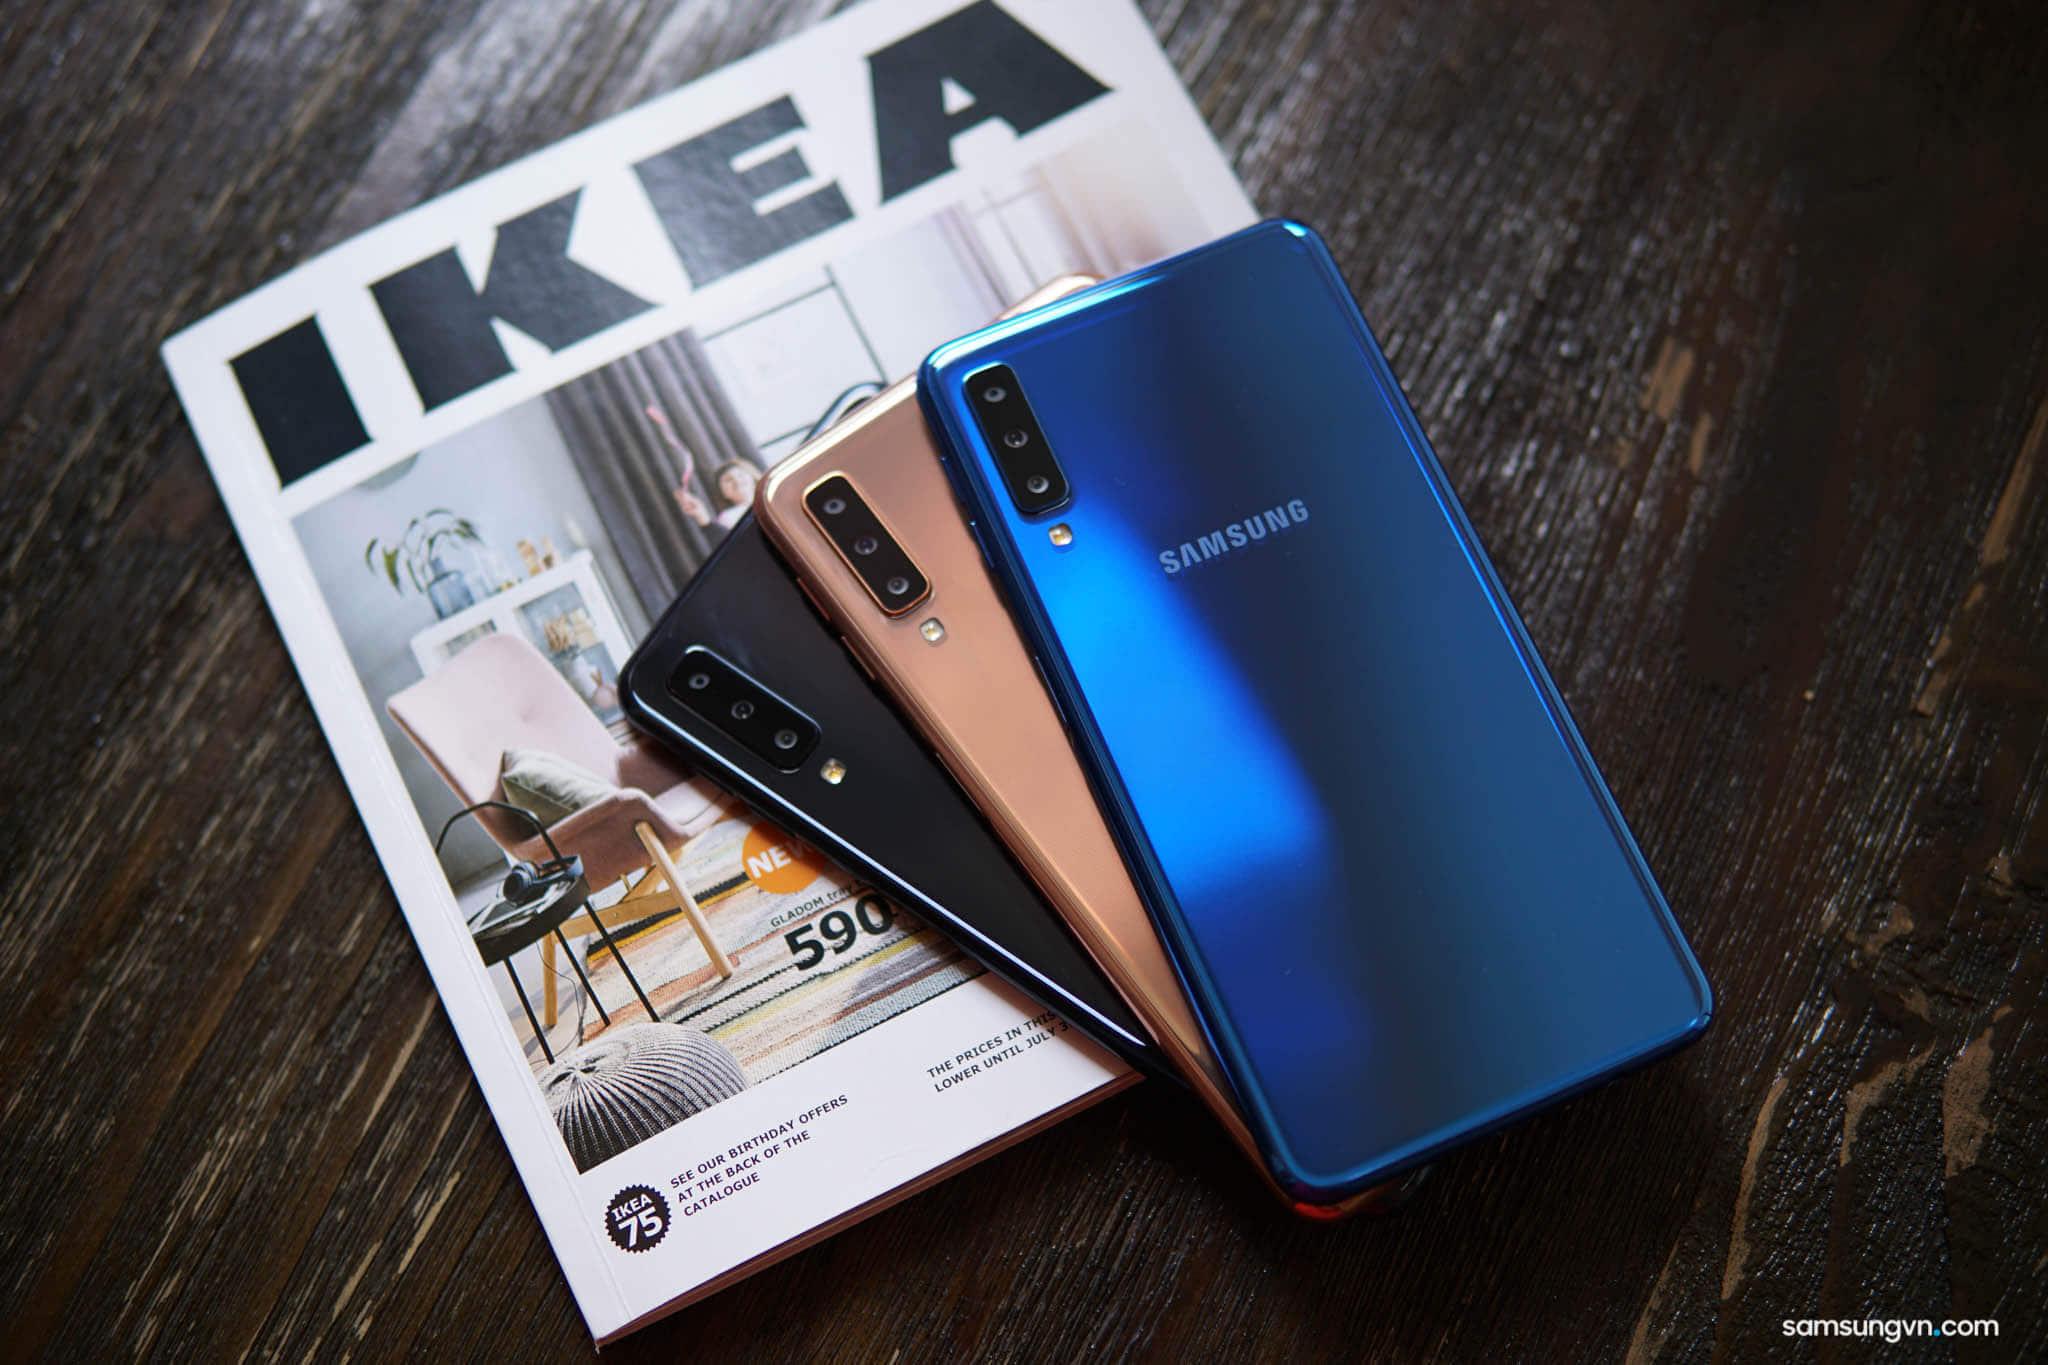 Tổng hợp Ưu đãi cho Khách hàng khi Đặt trước Galaxy A7 (2018) tại các cửa hàng trên Toàn quốc